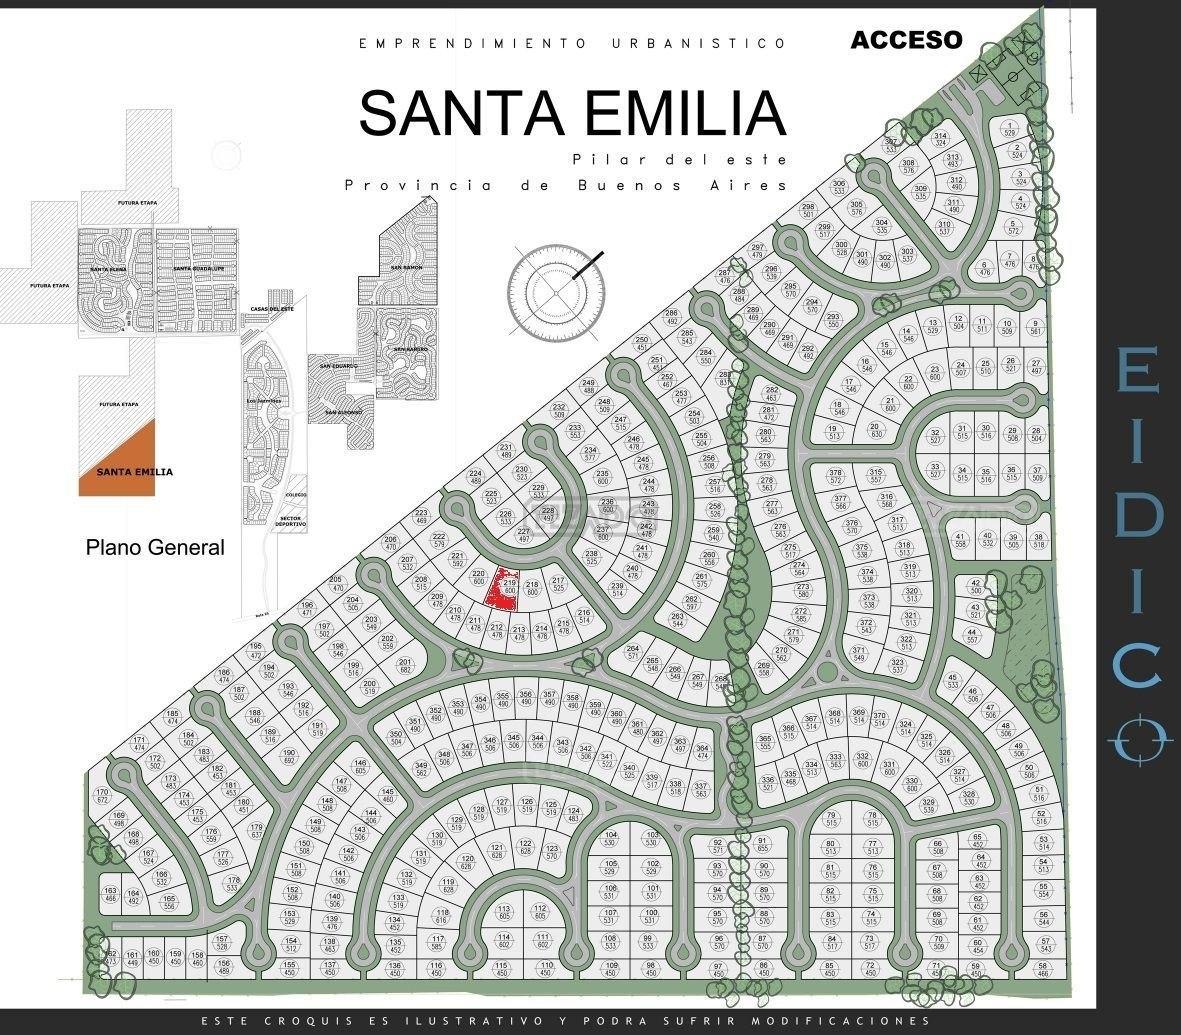 terreno lote  en venta 219  ubicado en santa emilia, pilar del este